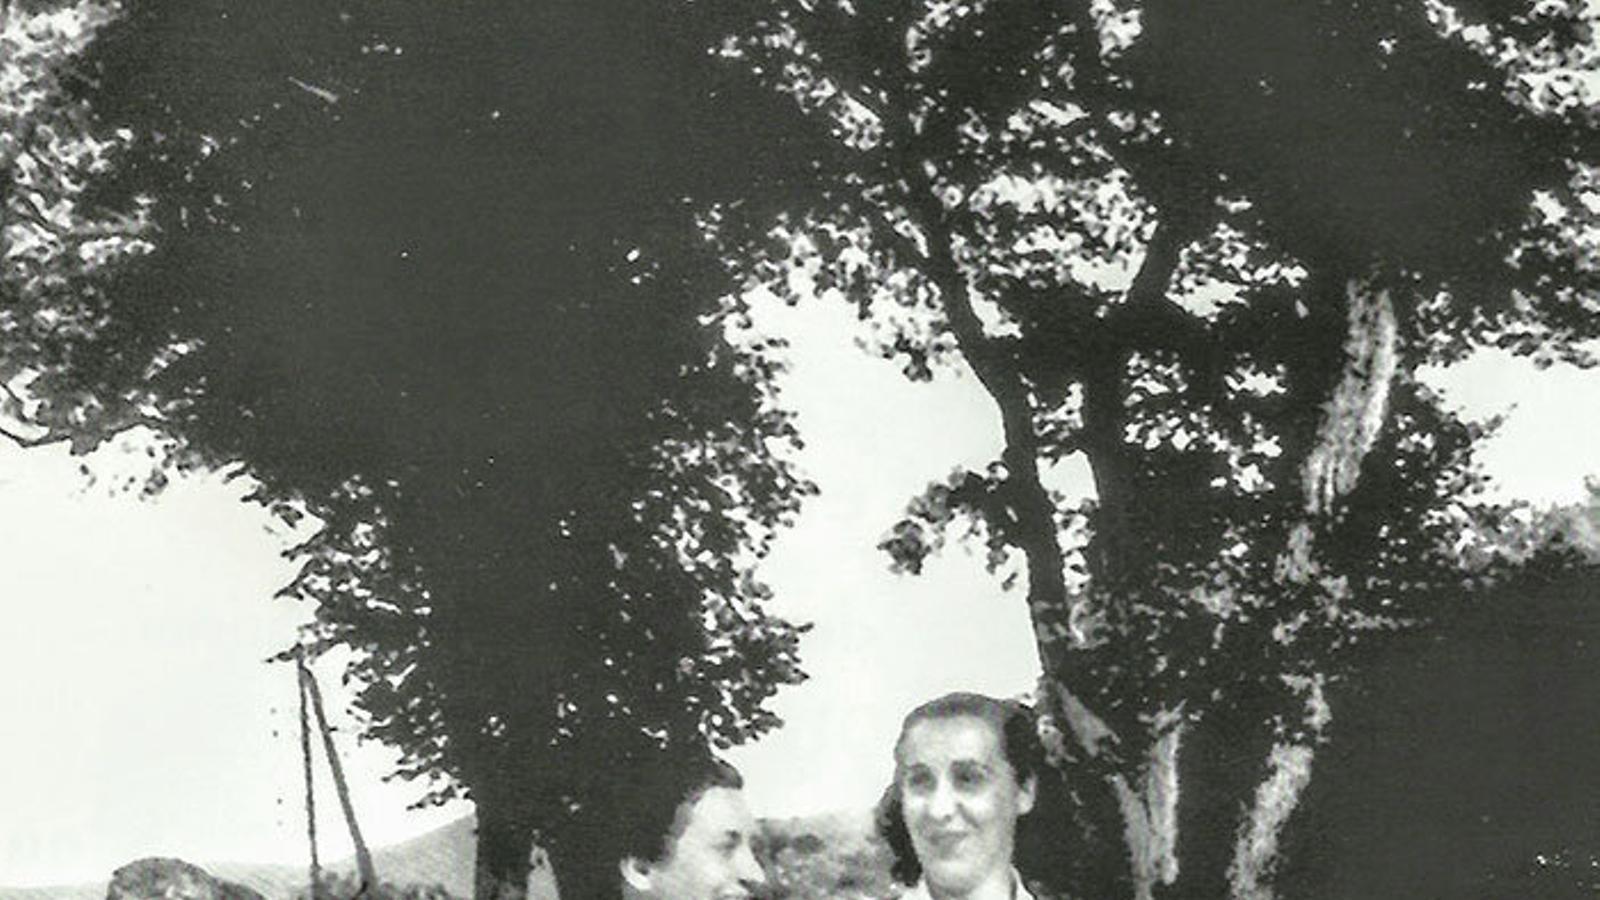 La targarina Rosa Foguet i Doll passejant agafada de bracet de Maria Batet, secretària de Frederica Montseny.